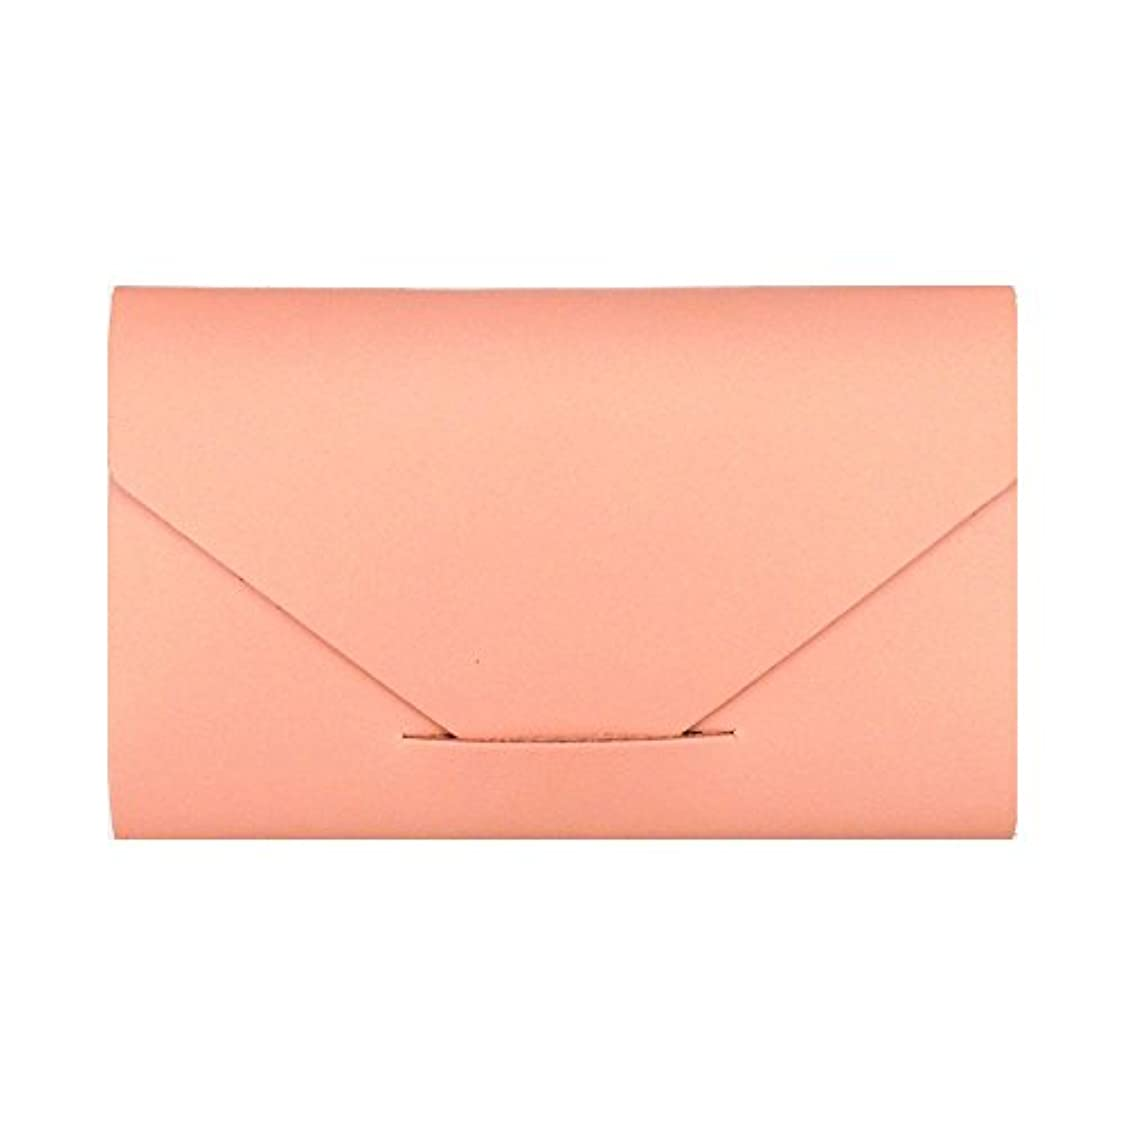 維持胴体小人MODERN AGE TOKYO 2 カードケース(サシェ3種入) ピンク PINK CARD CASE モダンエイジトウキョウツー